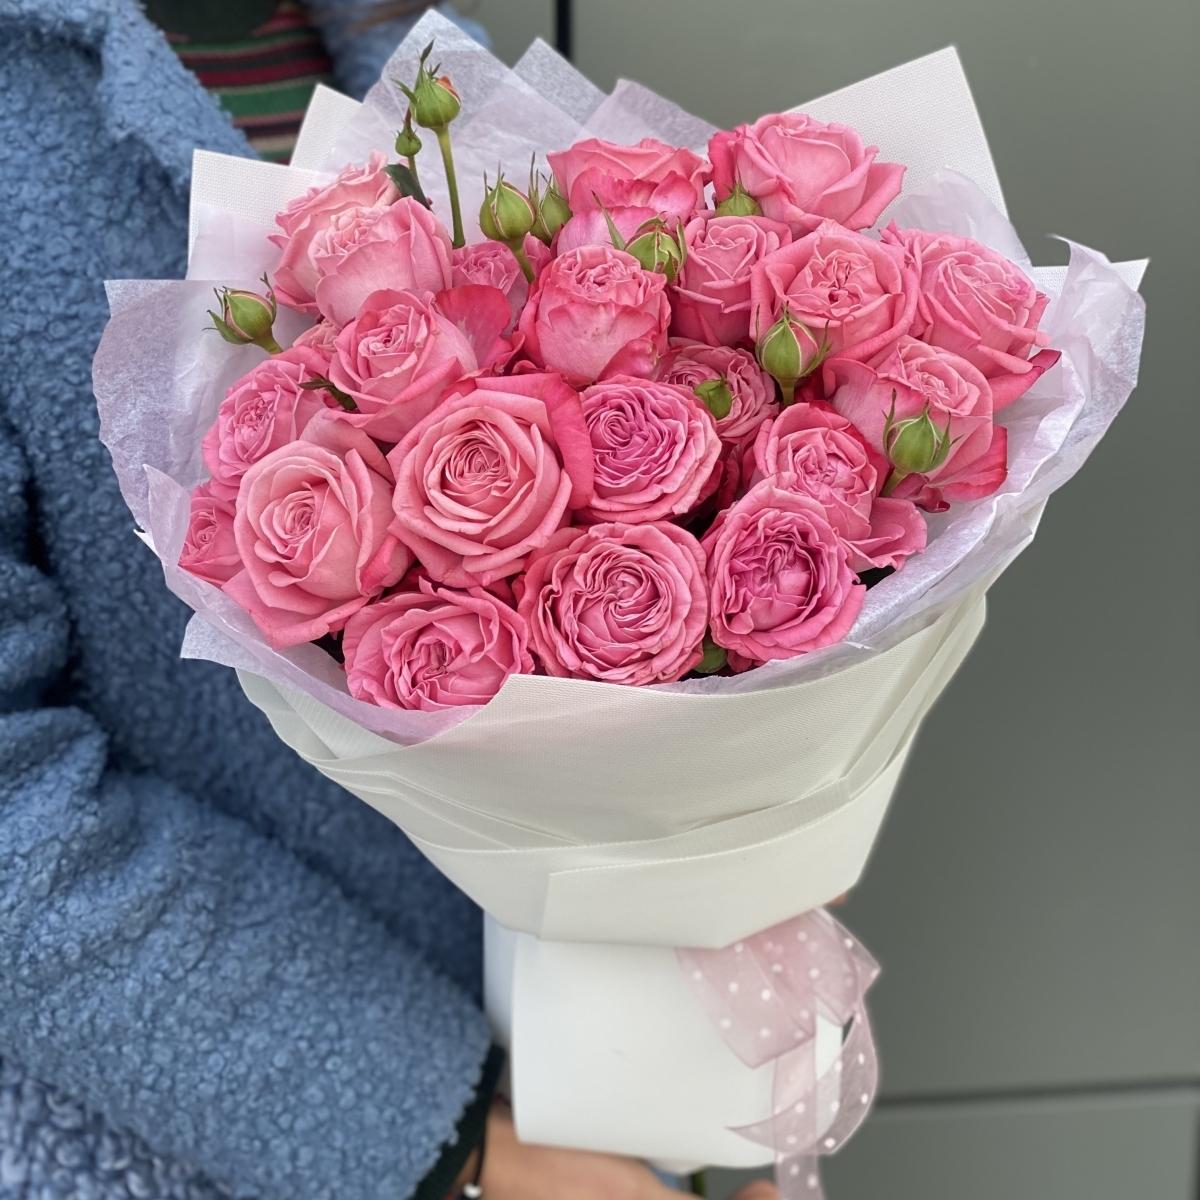 Букет Артезия из 5 веток кустовой розы